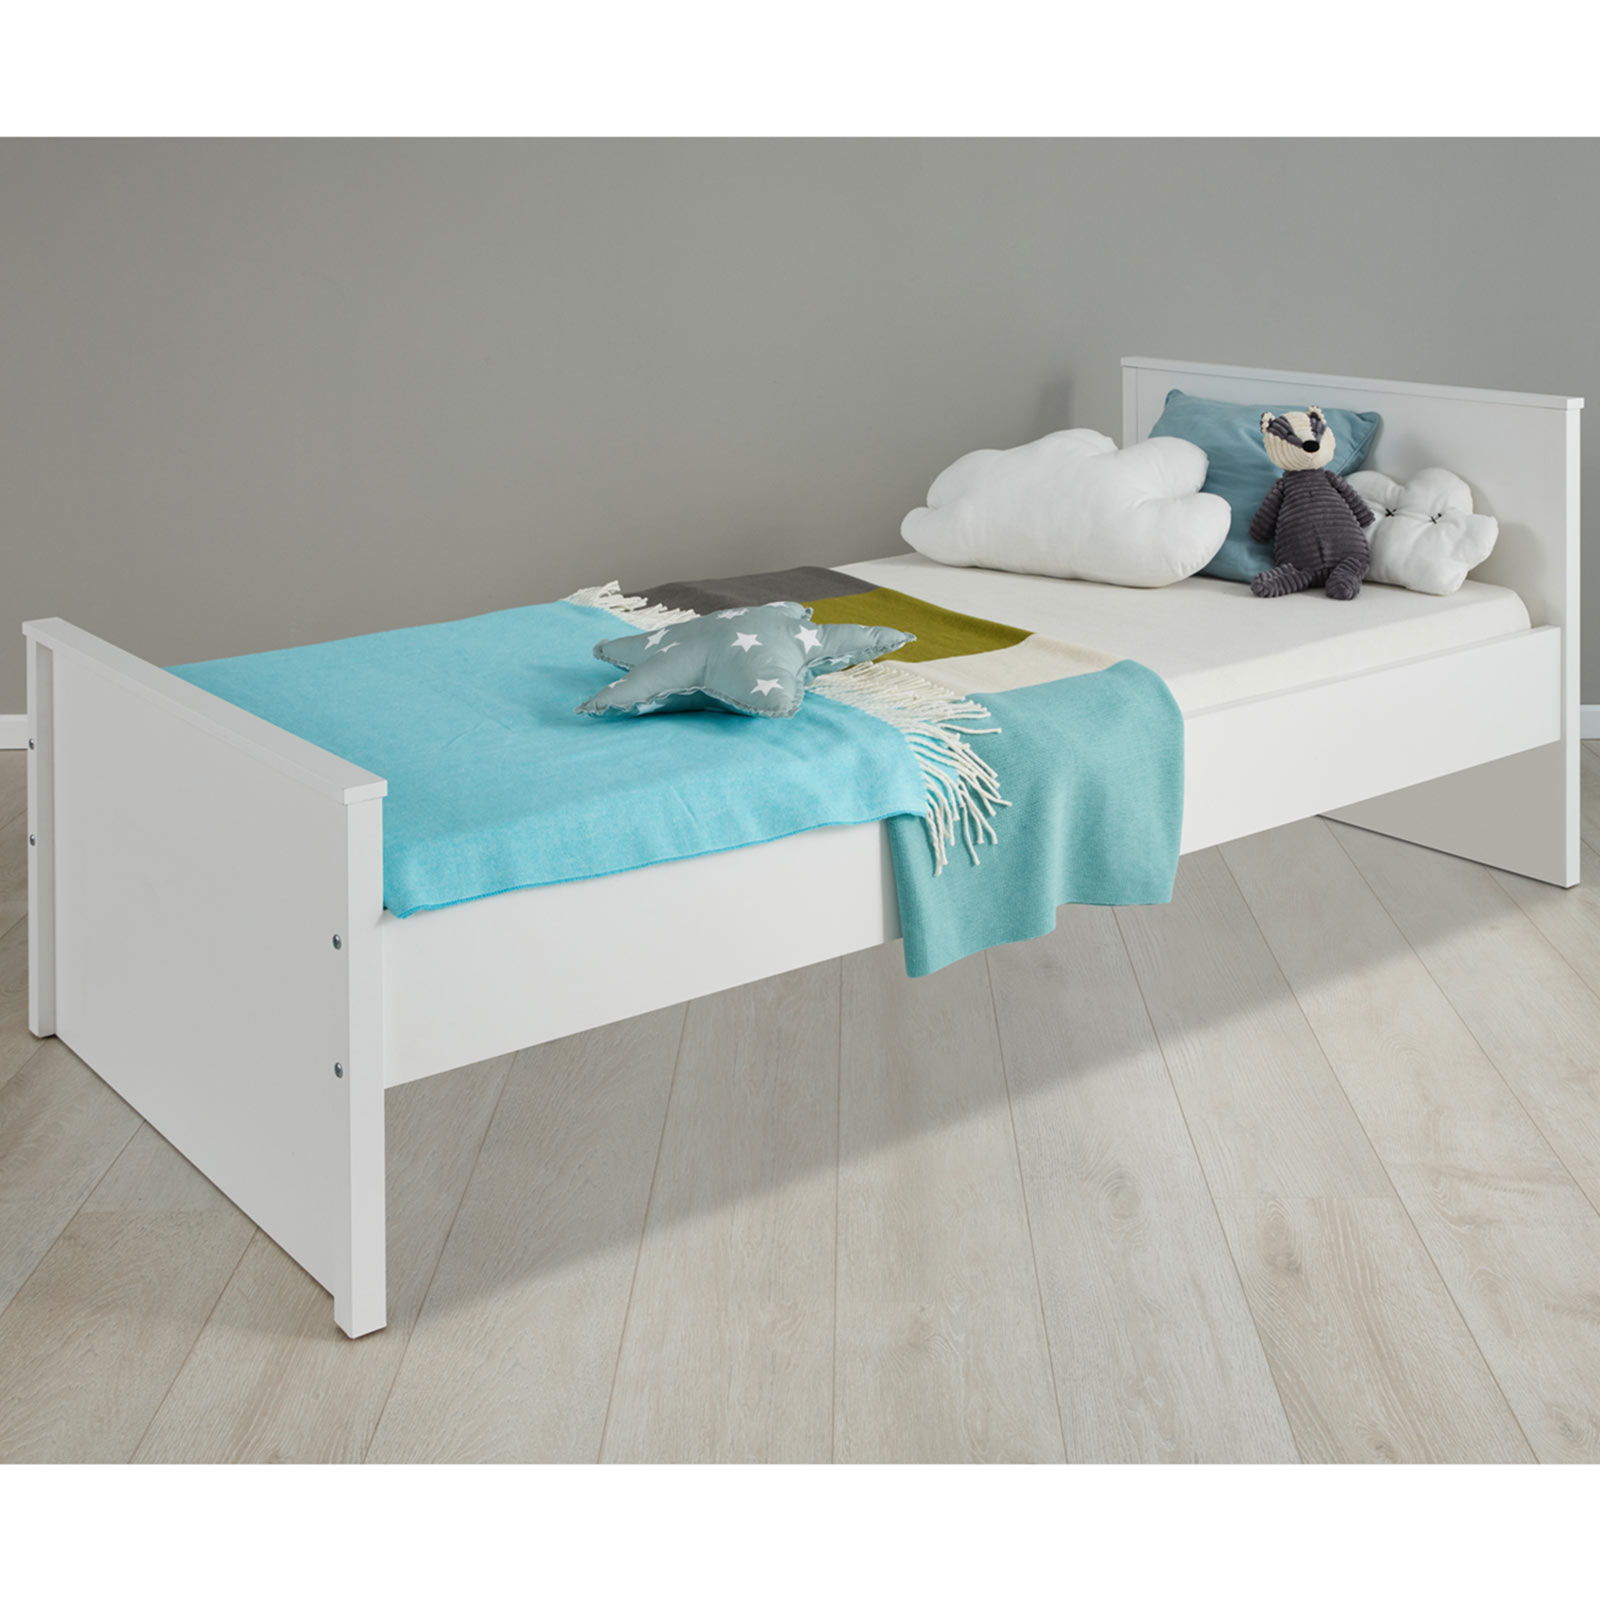 Full Size of Jugendbett 90x200 Betten Kiefer Bett Mit Schubladen Weiß Lattenrost Bettkasten Weißes Und Matratze Wohnzimmer Jugendbett 90x200